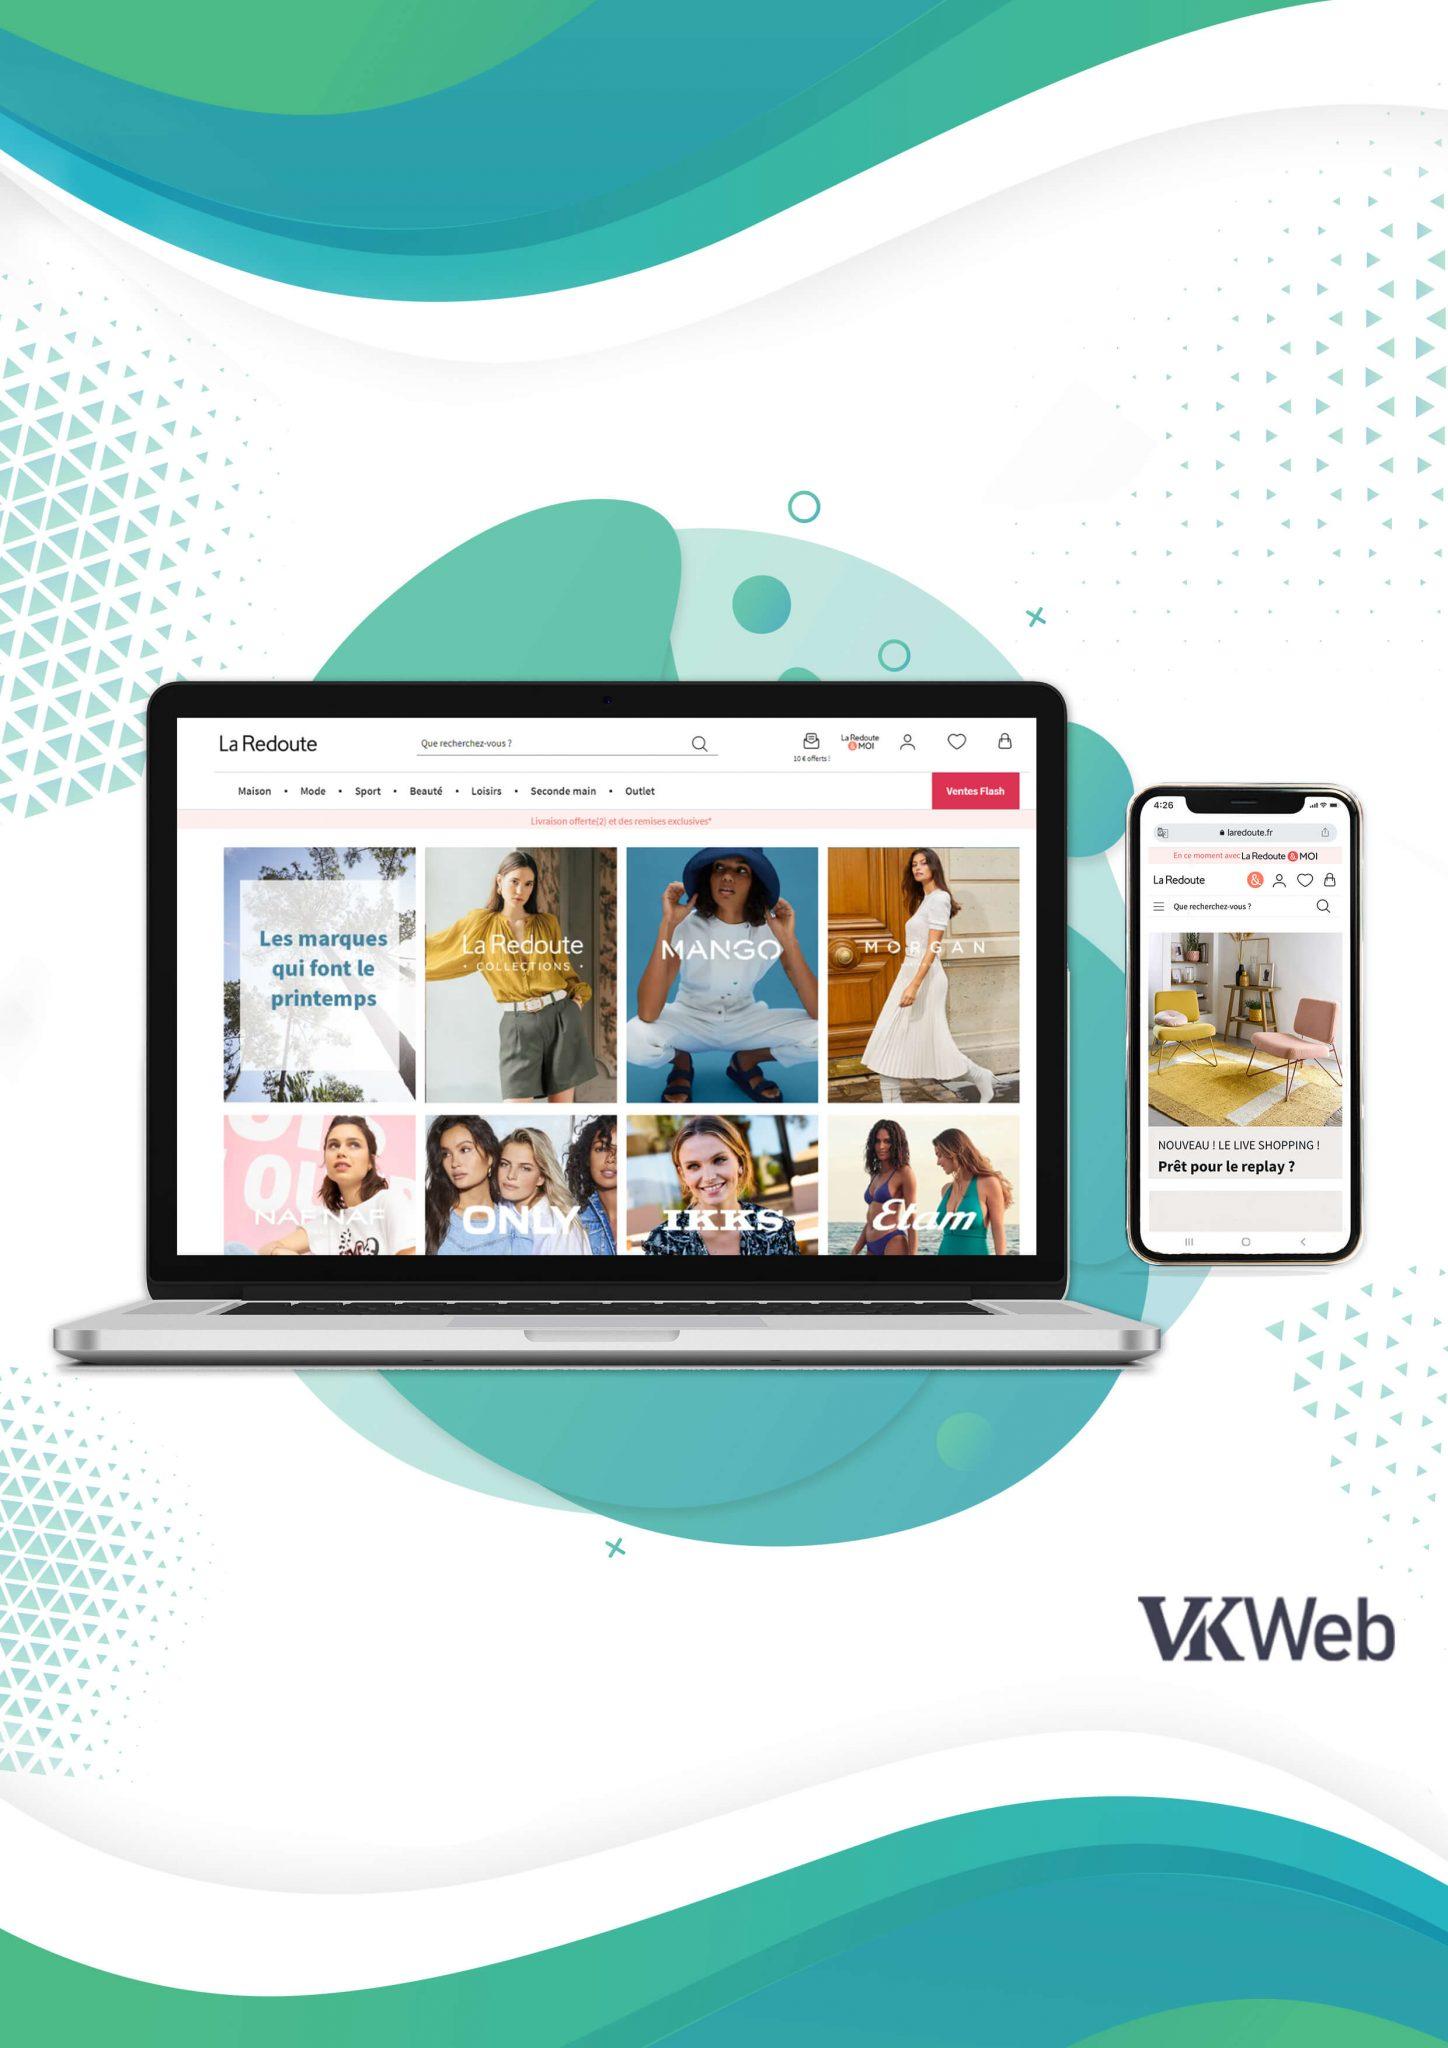 Le site web de La Redoute s'adapte à l'écran de l'ordinateur Version mobile du site web de La Redoute